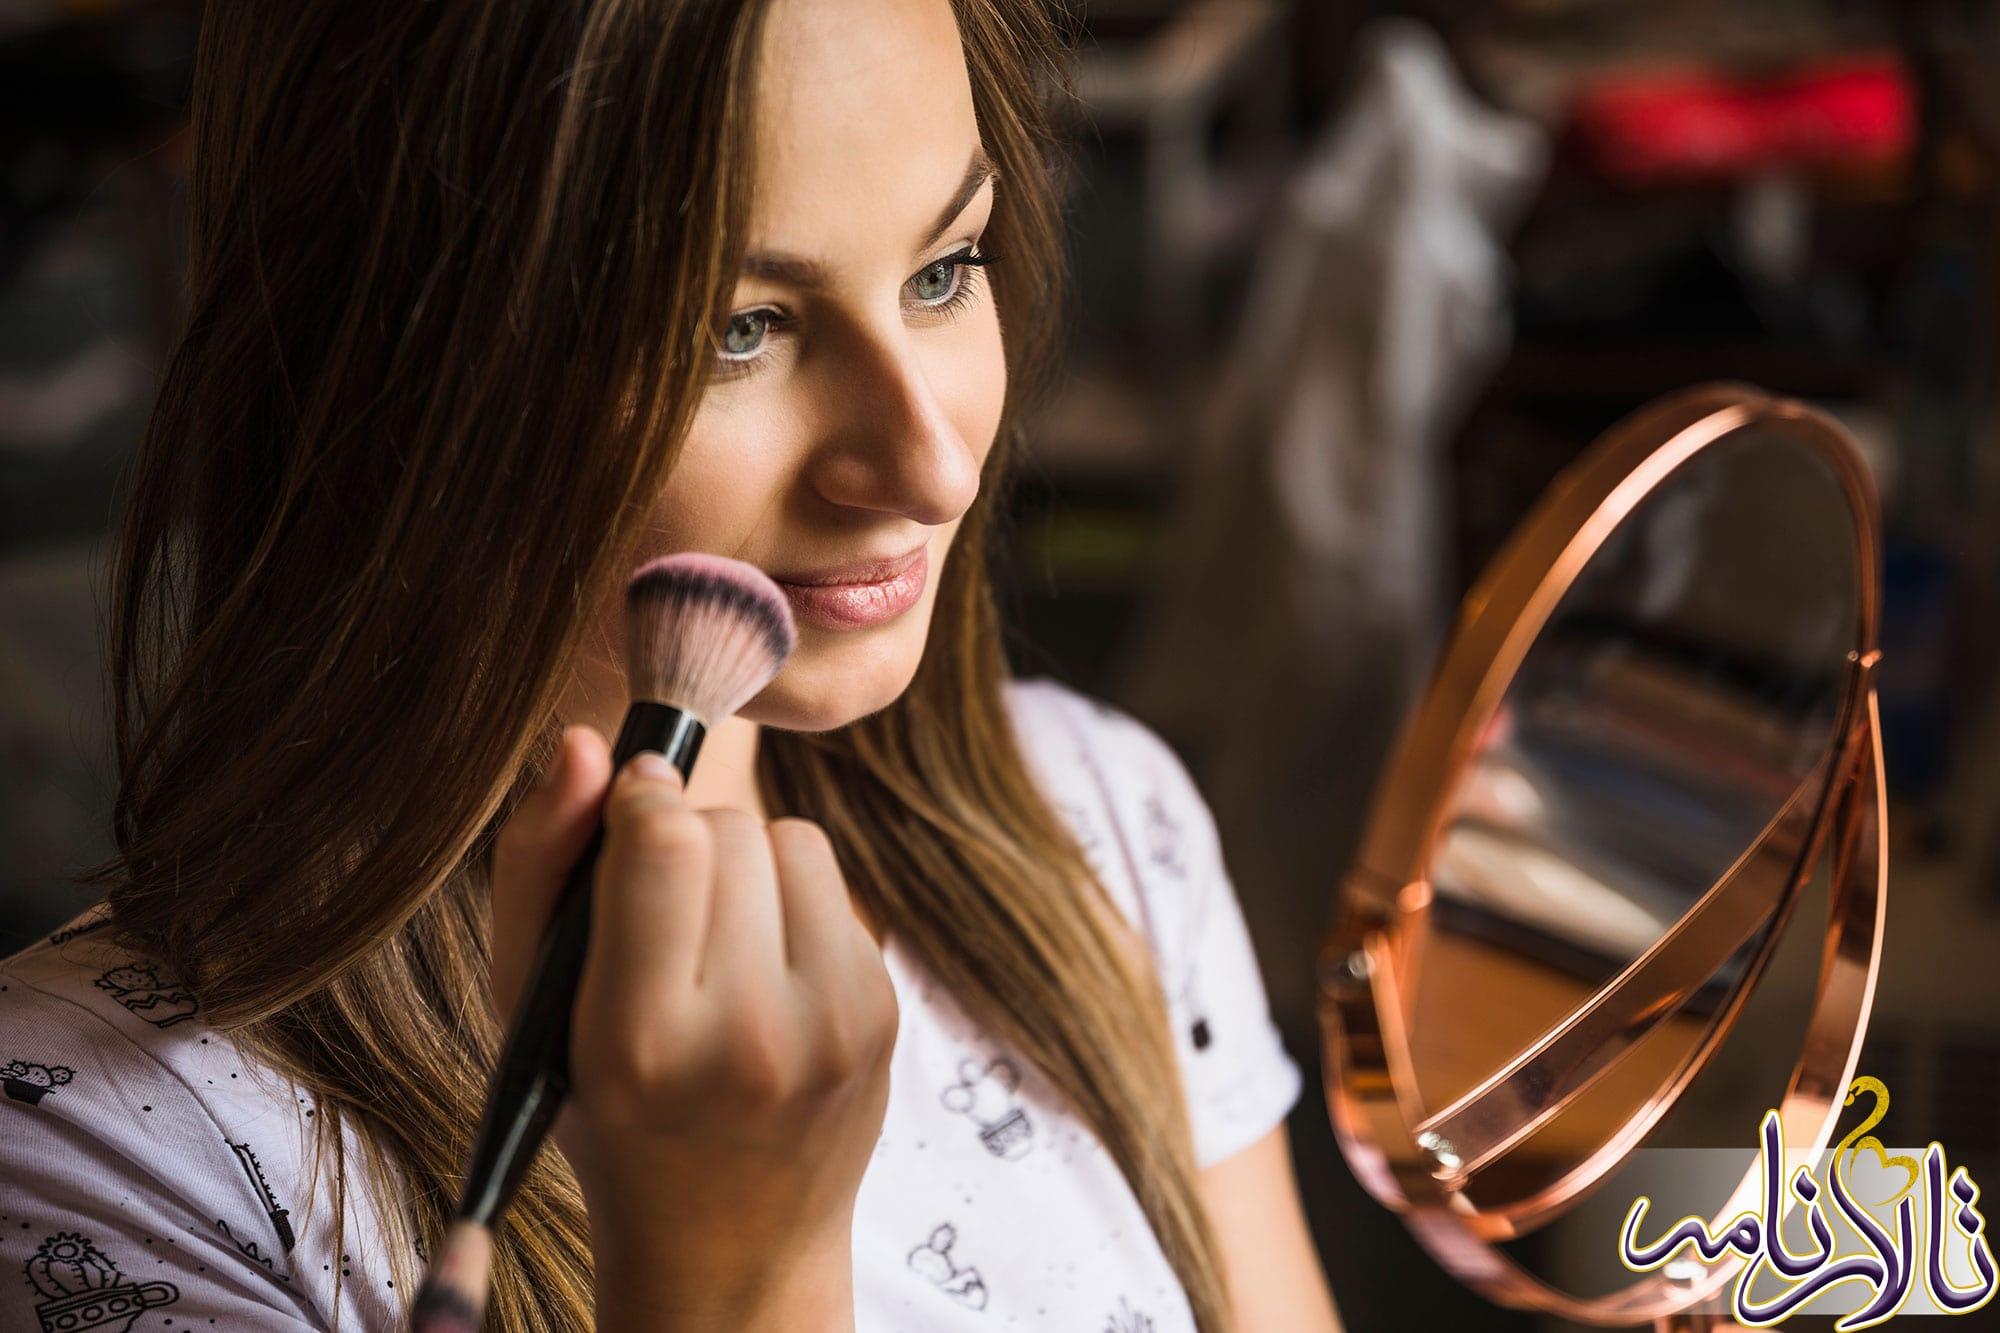 لیست بهترین آرایشگاه های زنانه تبریز - نام 10 تا از بهترین آرایشگاه های زنانه در تبریز